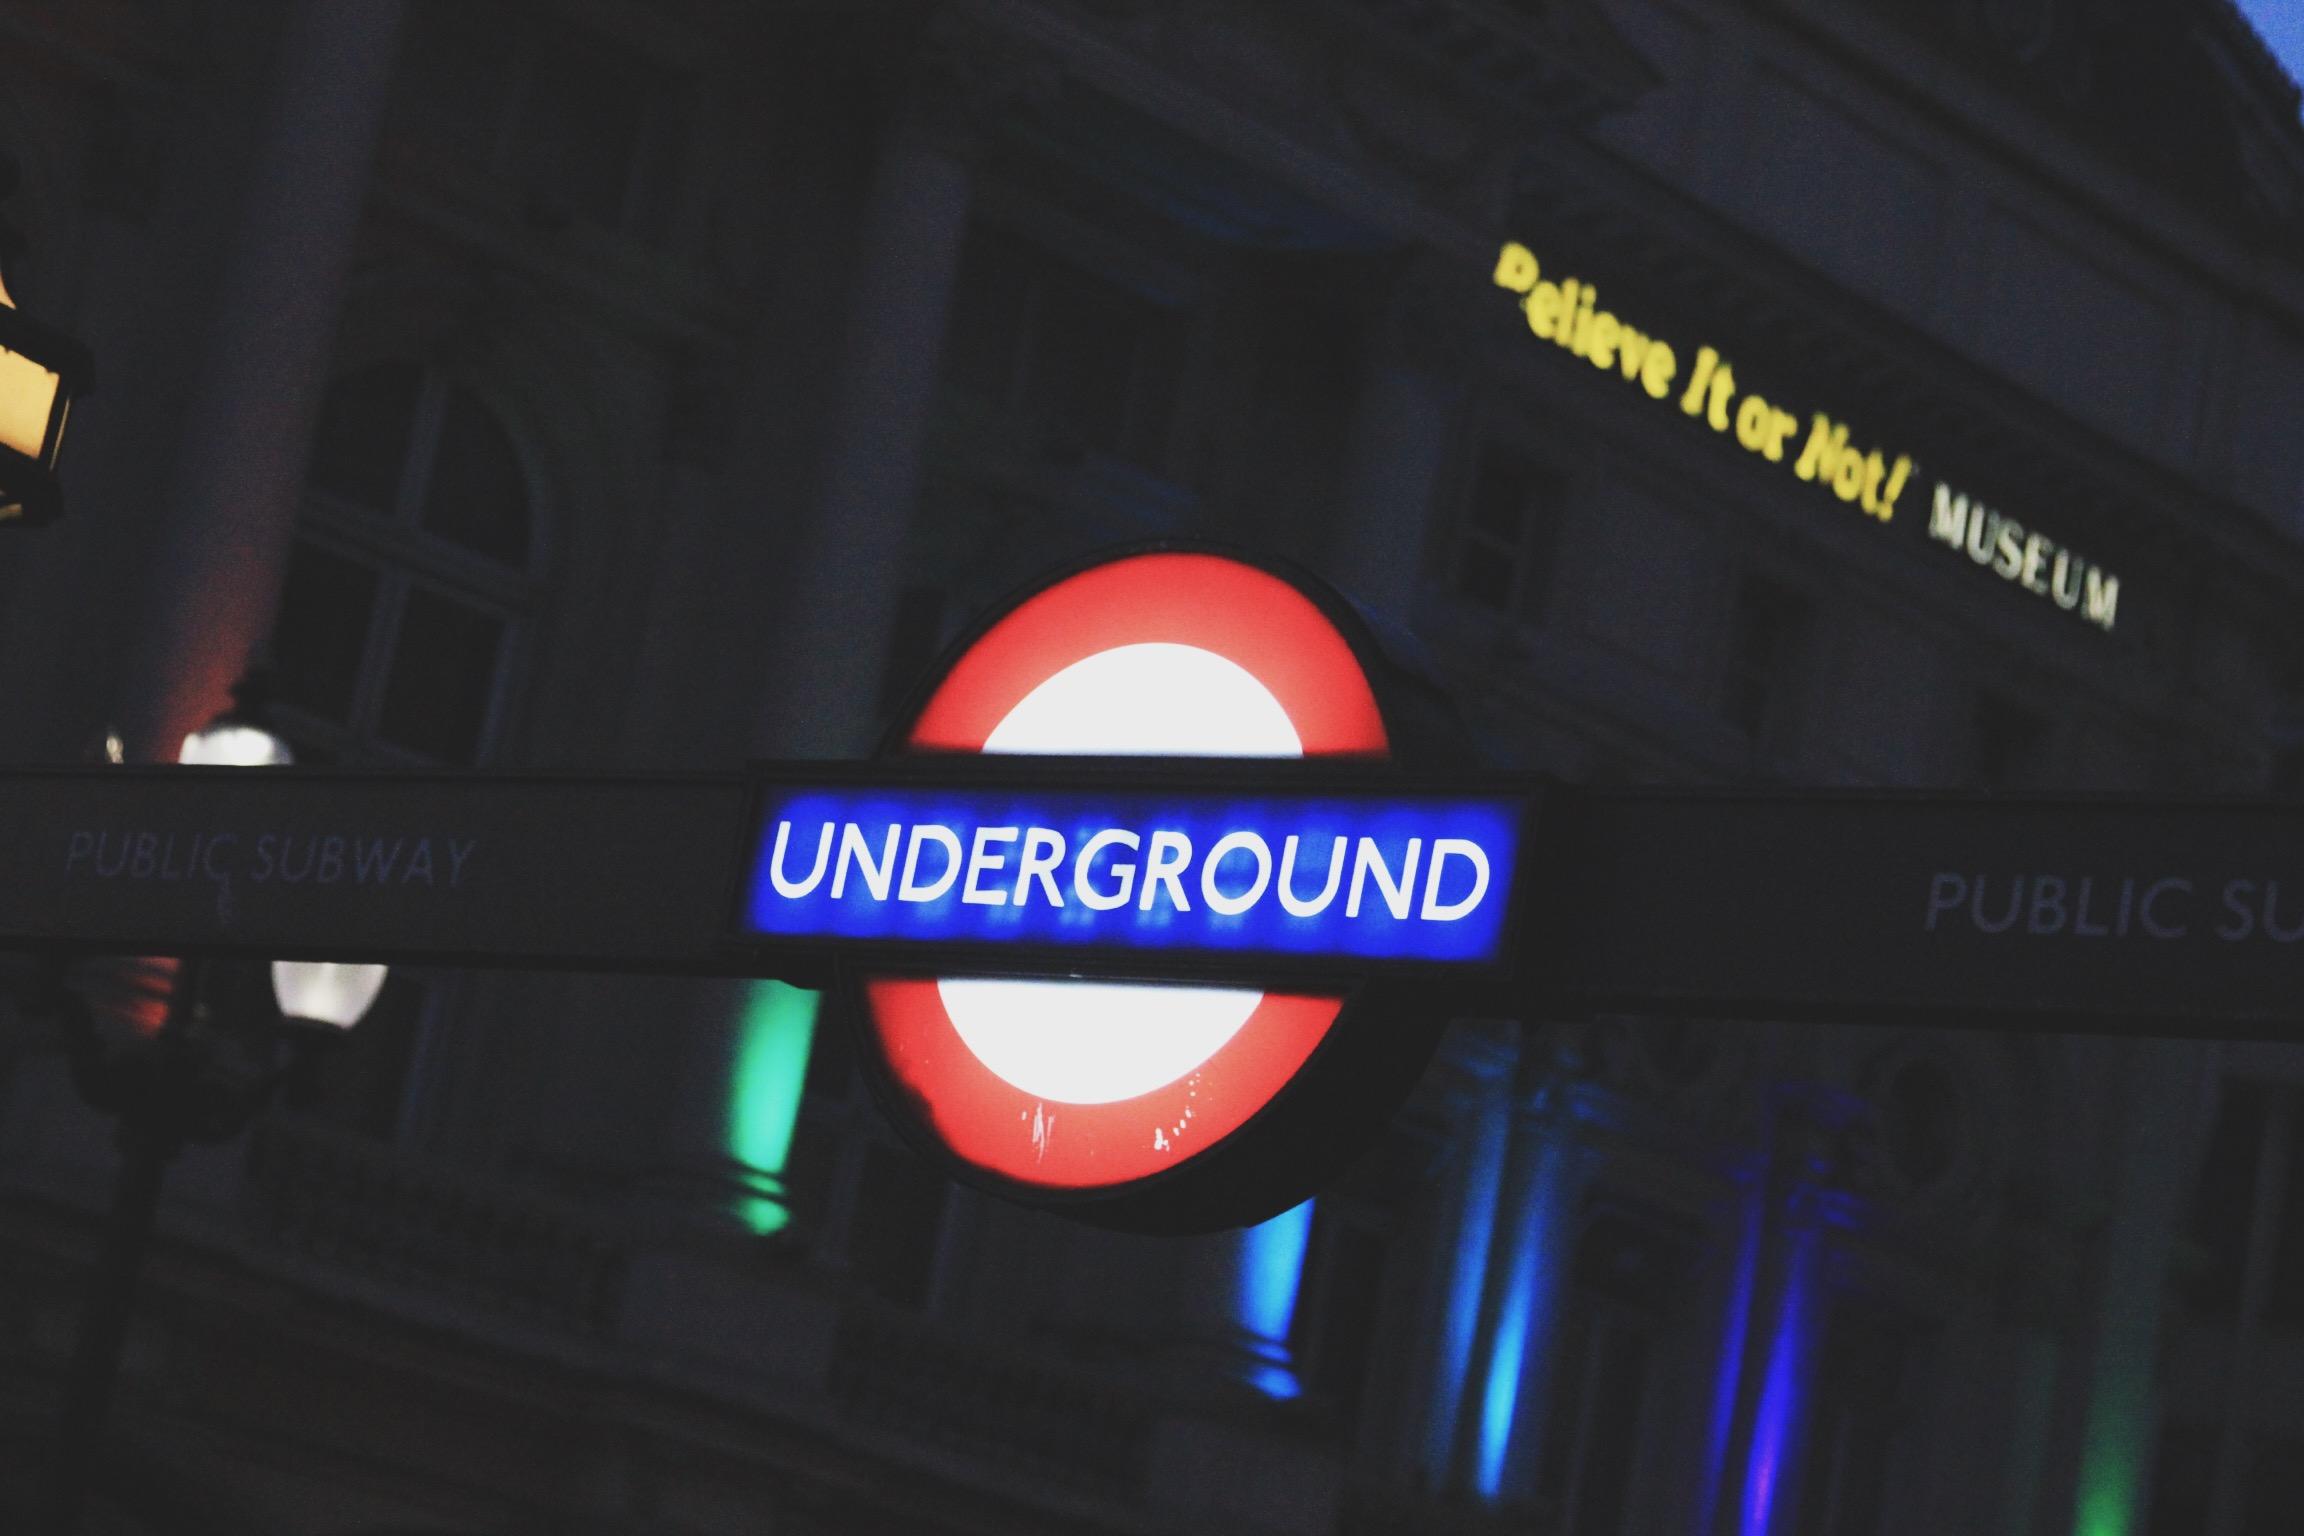 underground-voyage-blog-onmyway.jpg